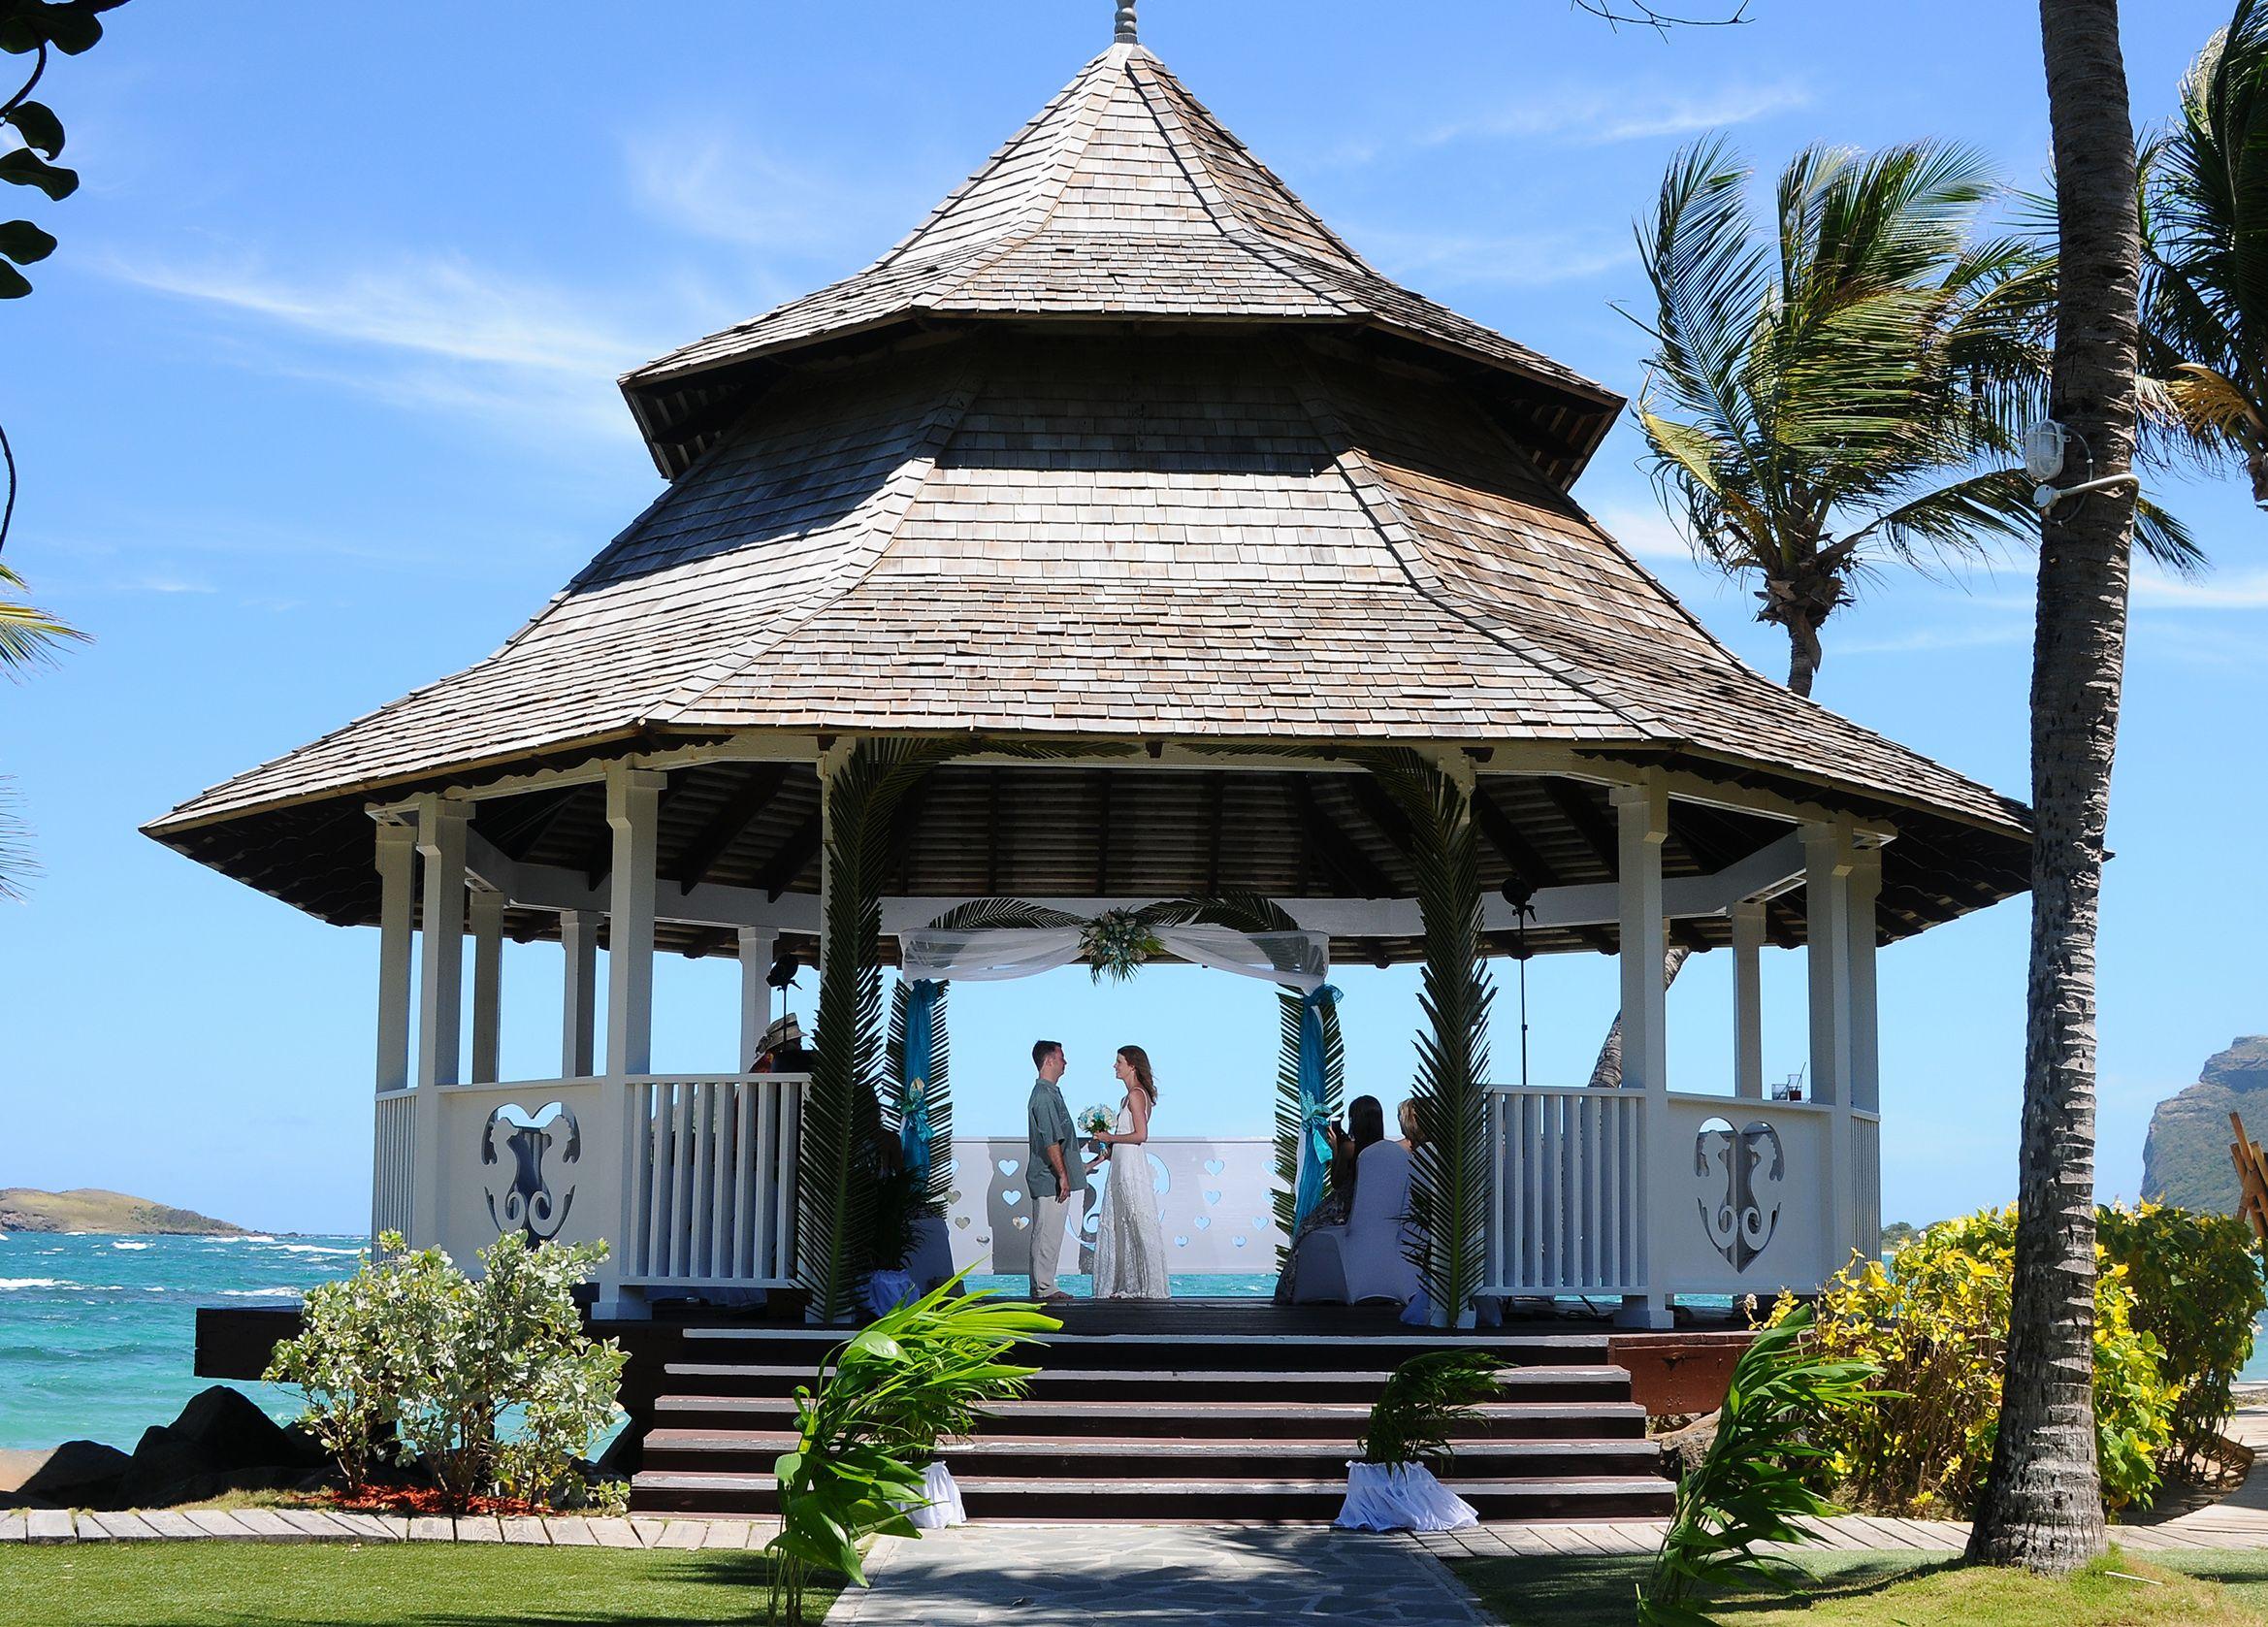 St. Lucia AllInclusive Destination Weddings All